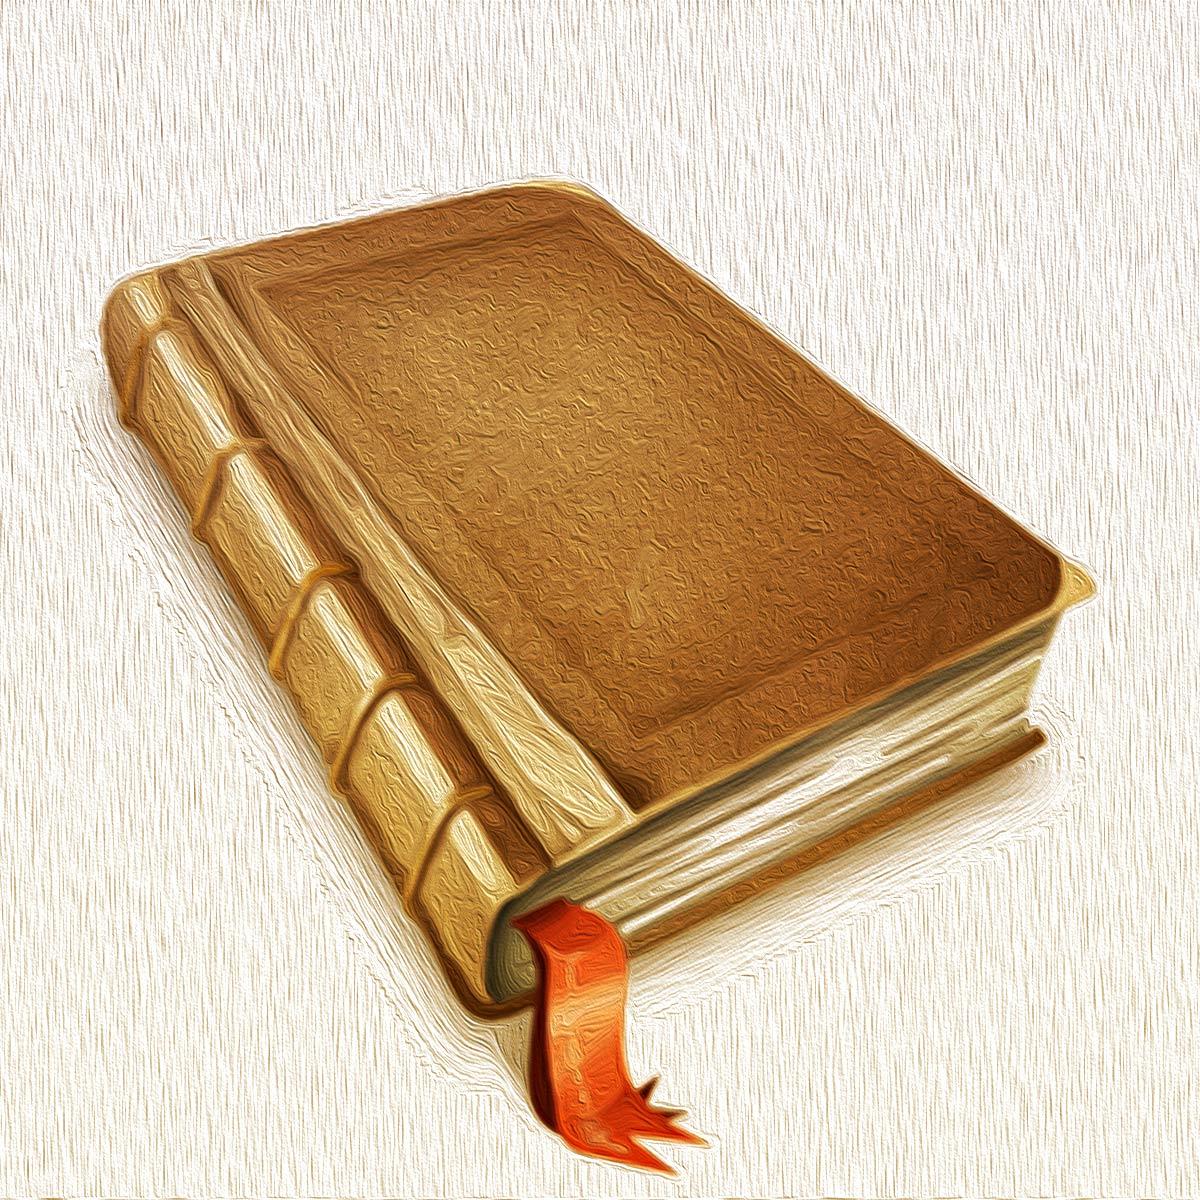 Ilustración gratis - Enciclopedia